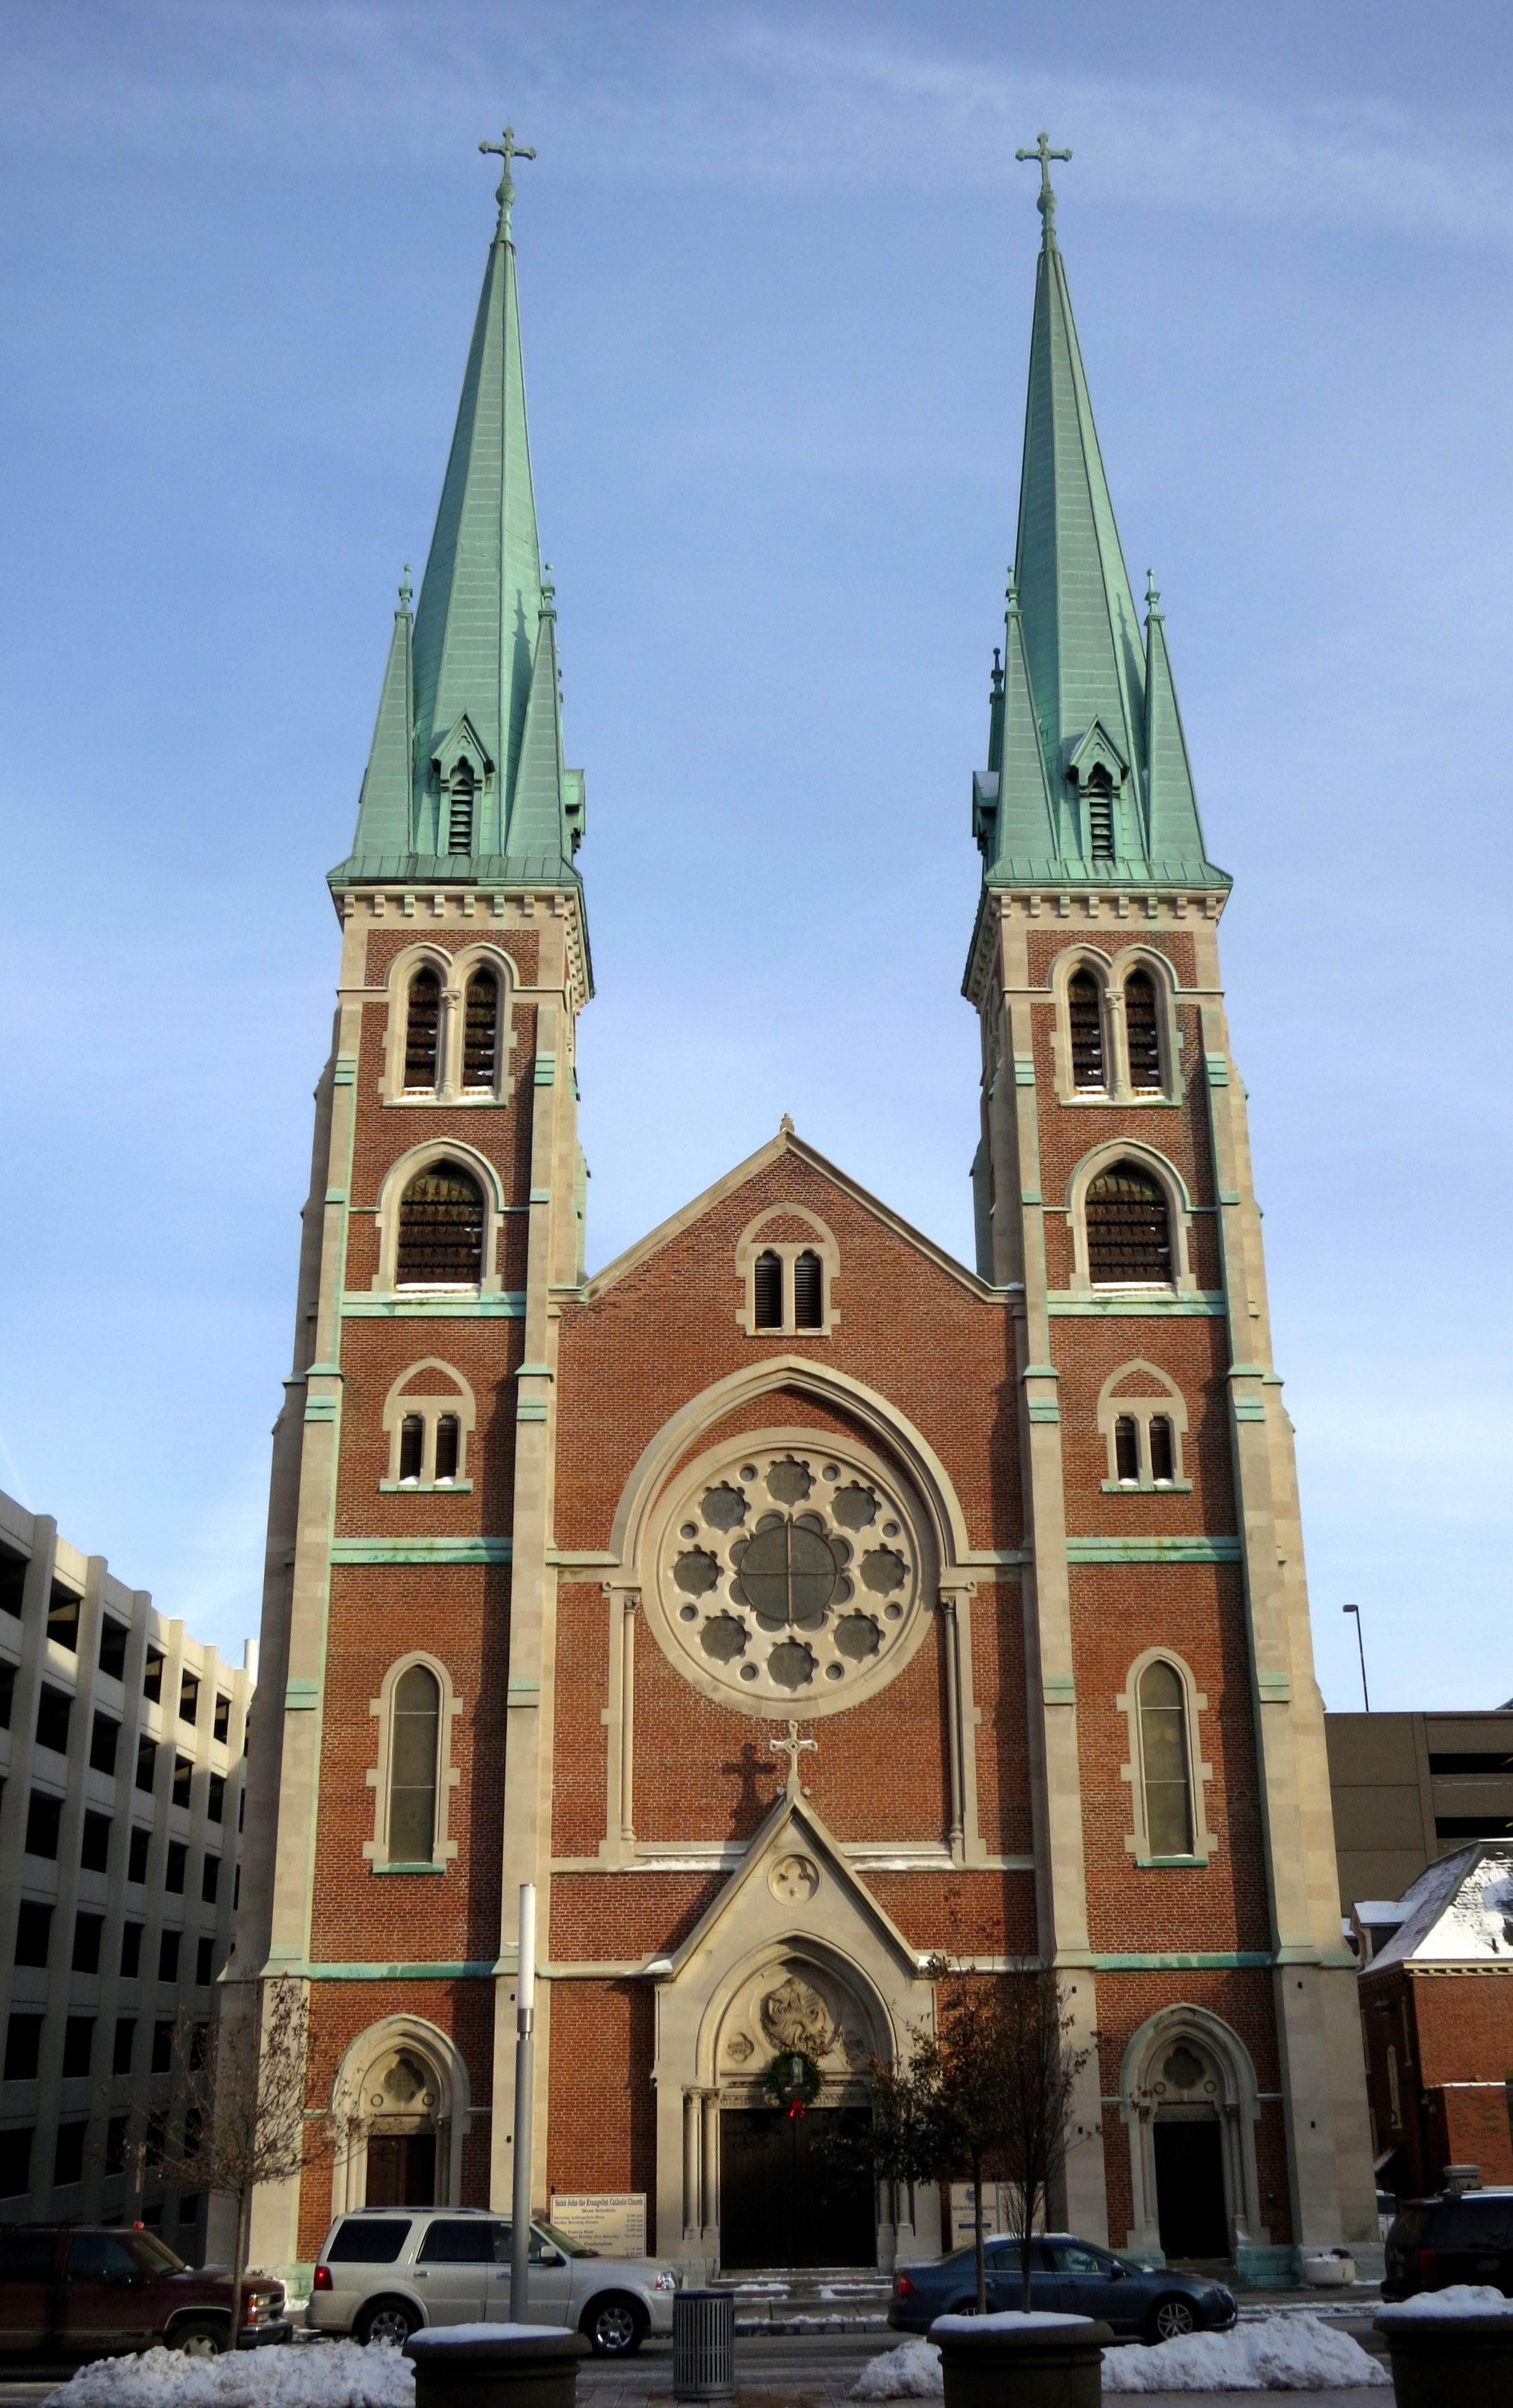 St. John the Evangelist Catholic Church (Indianapolis, Indiana)